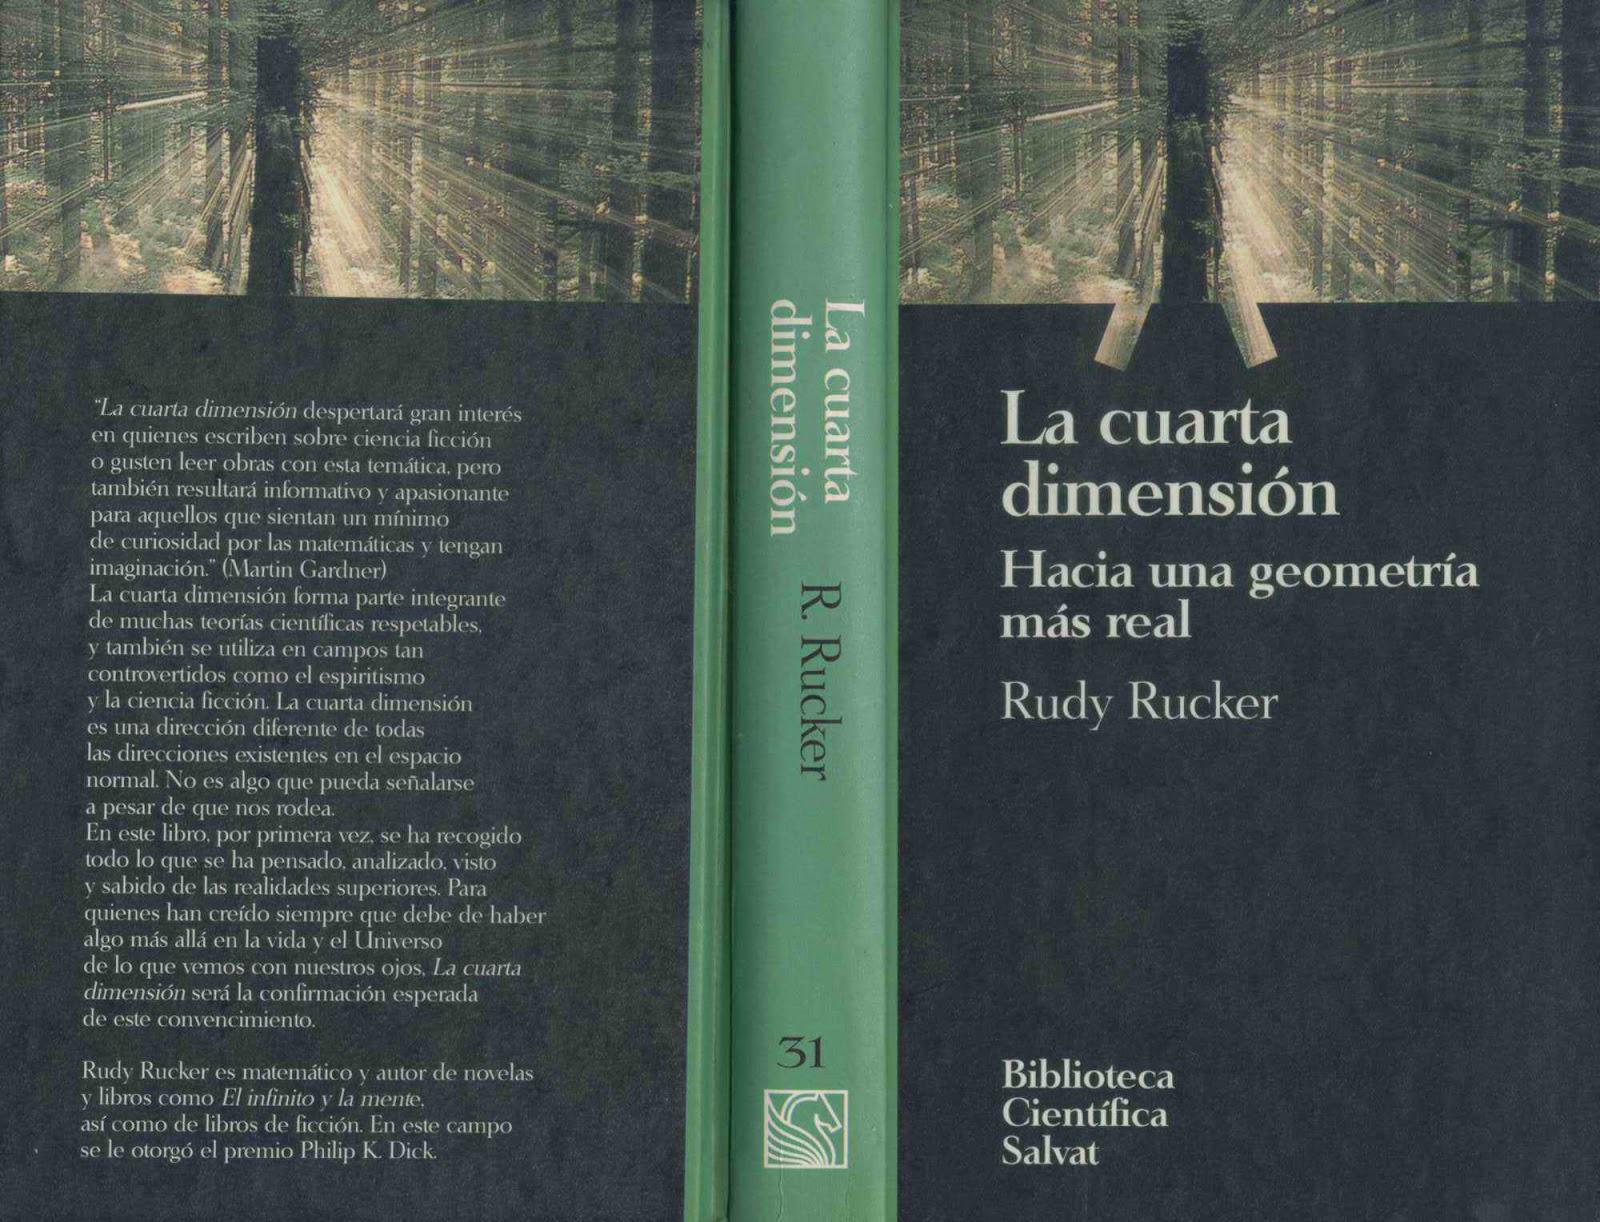 Libros, Revistas, Intereses : La Cuarta Dimensión